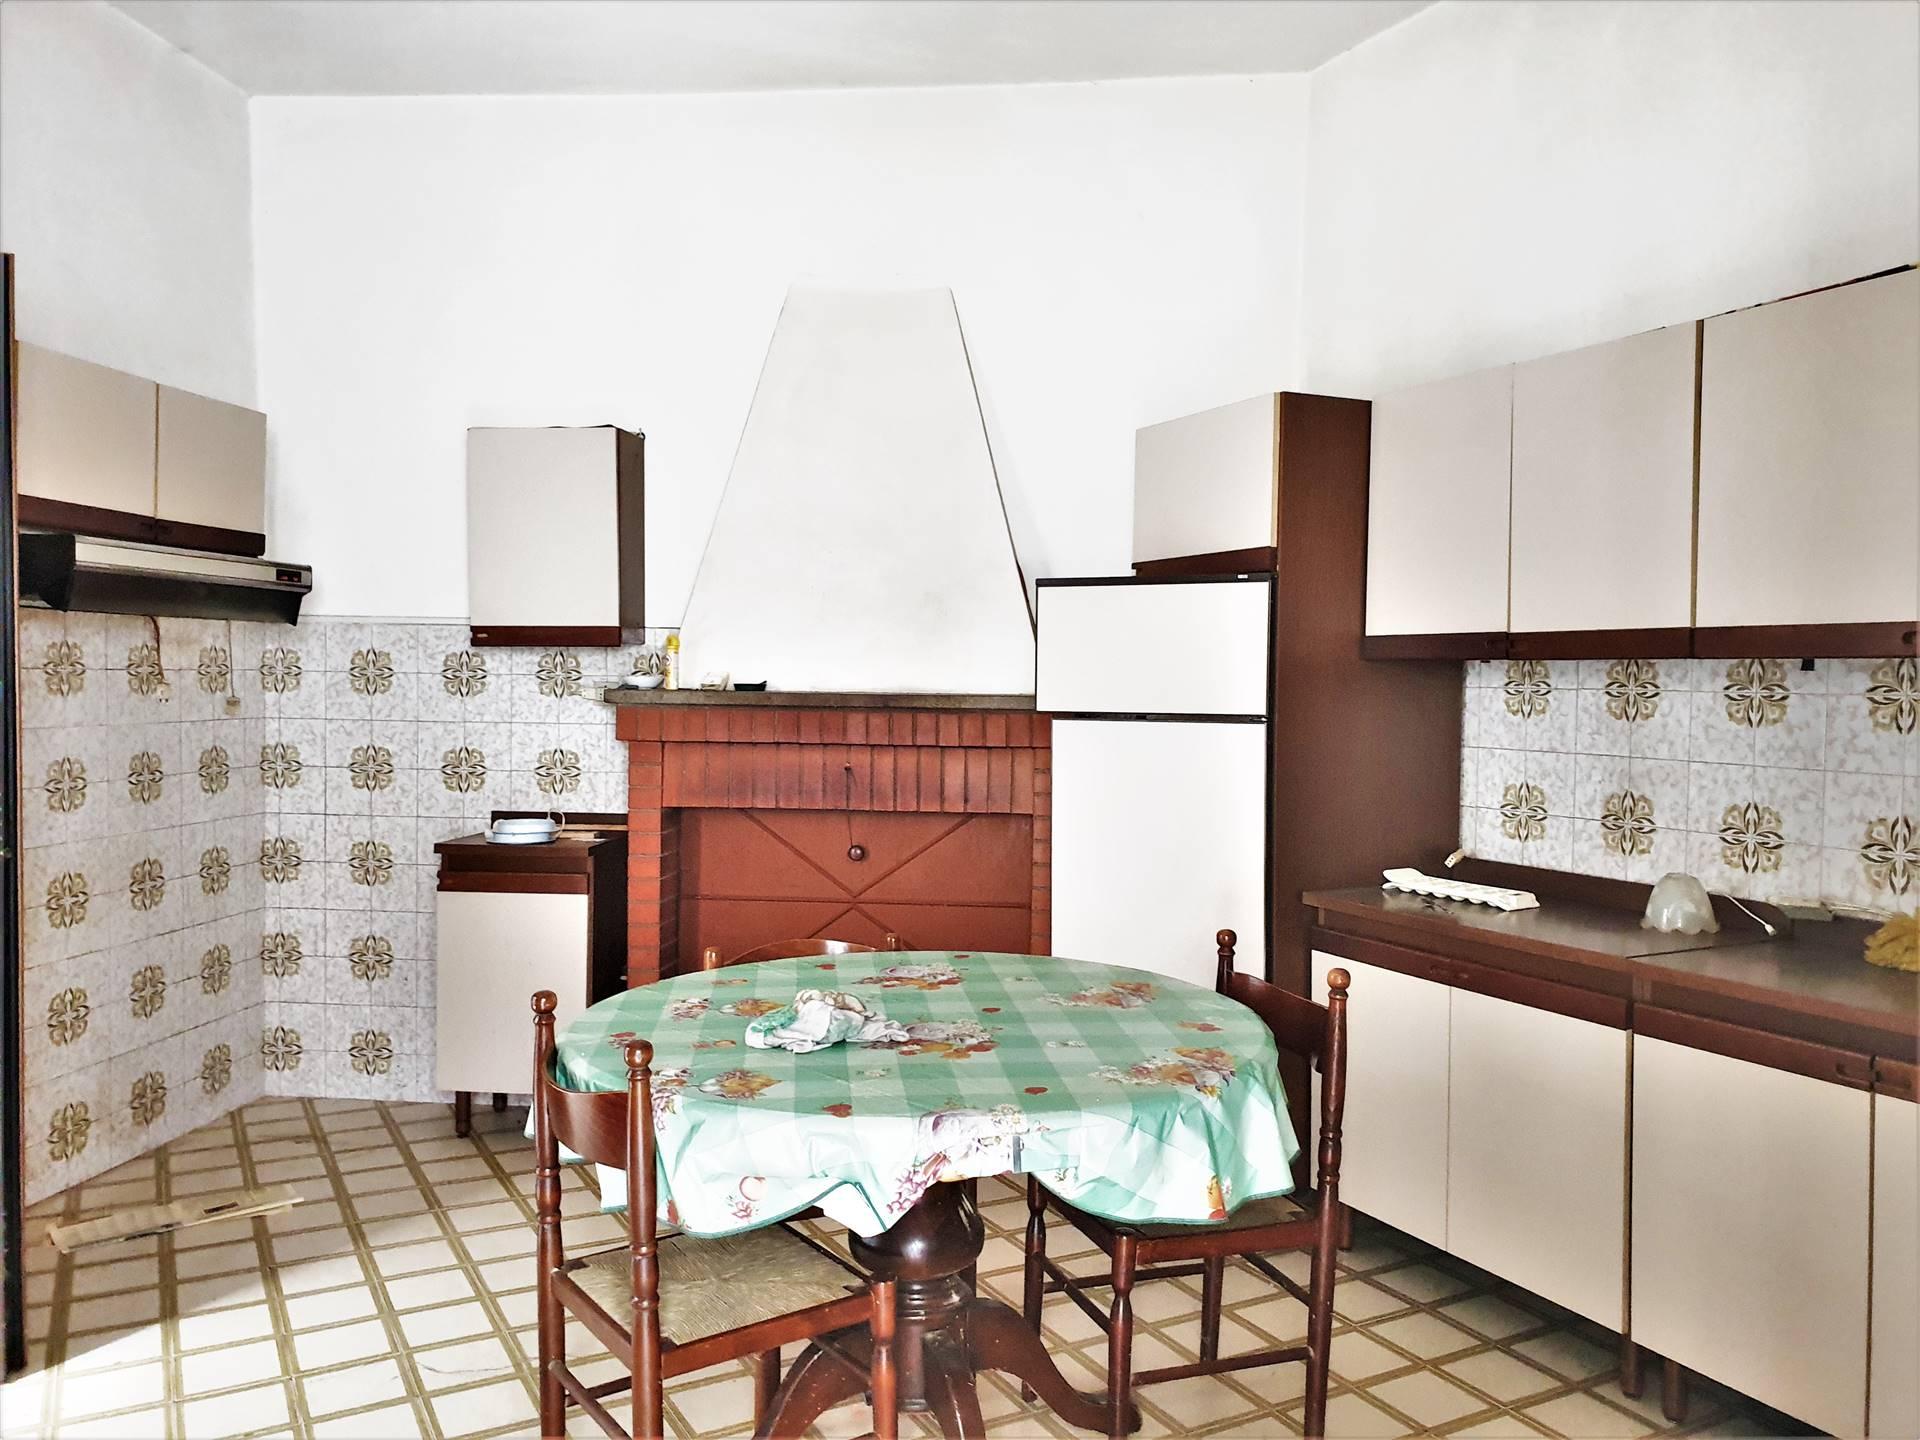 sala con cucina e camino